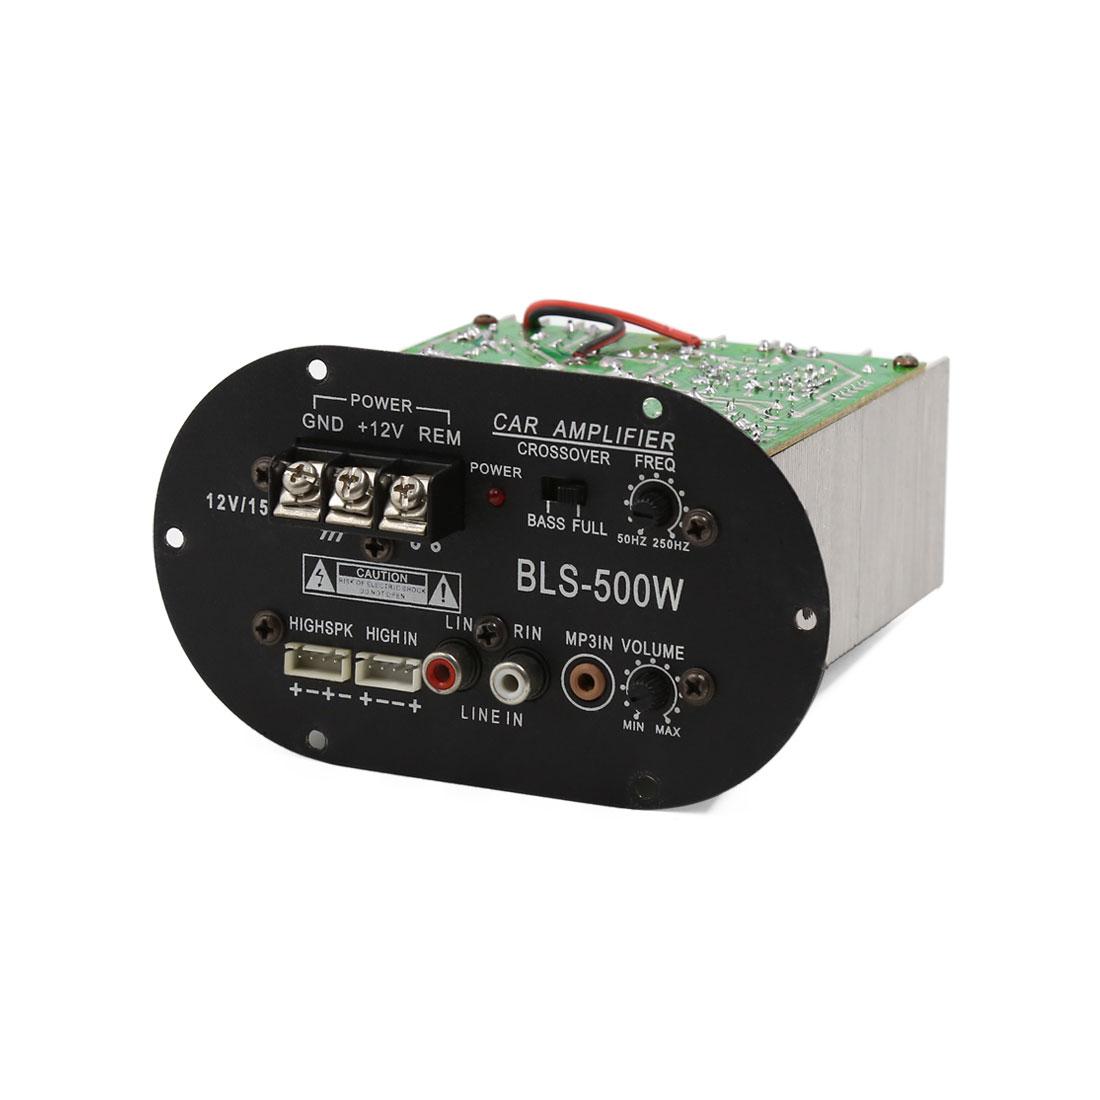 Unique Bargains 6-10 Inch Subwoofer Audio Speaker Power Amplifier Board 12V 500W for Car